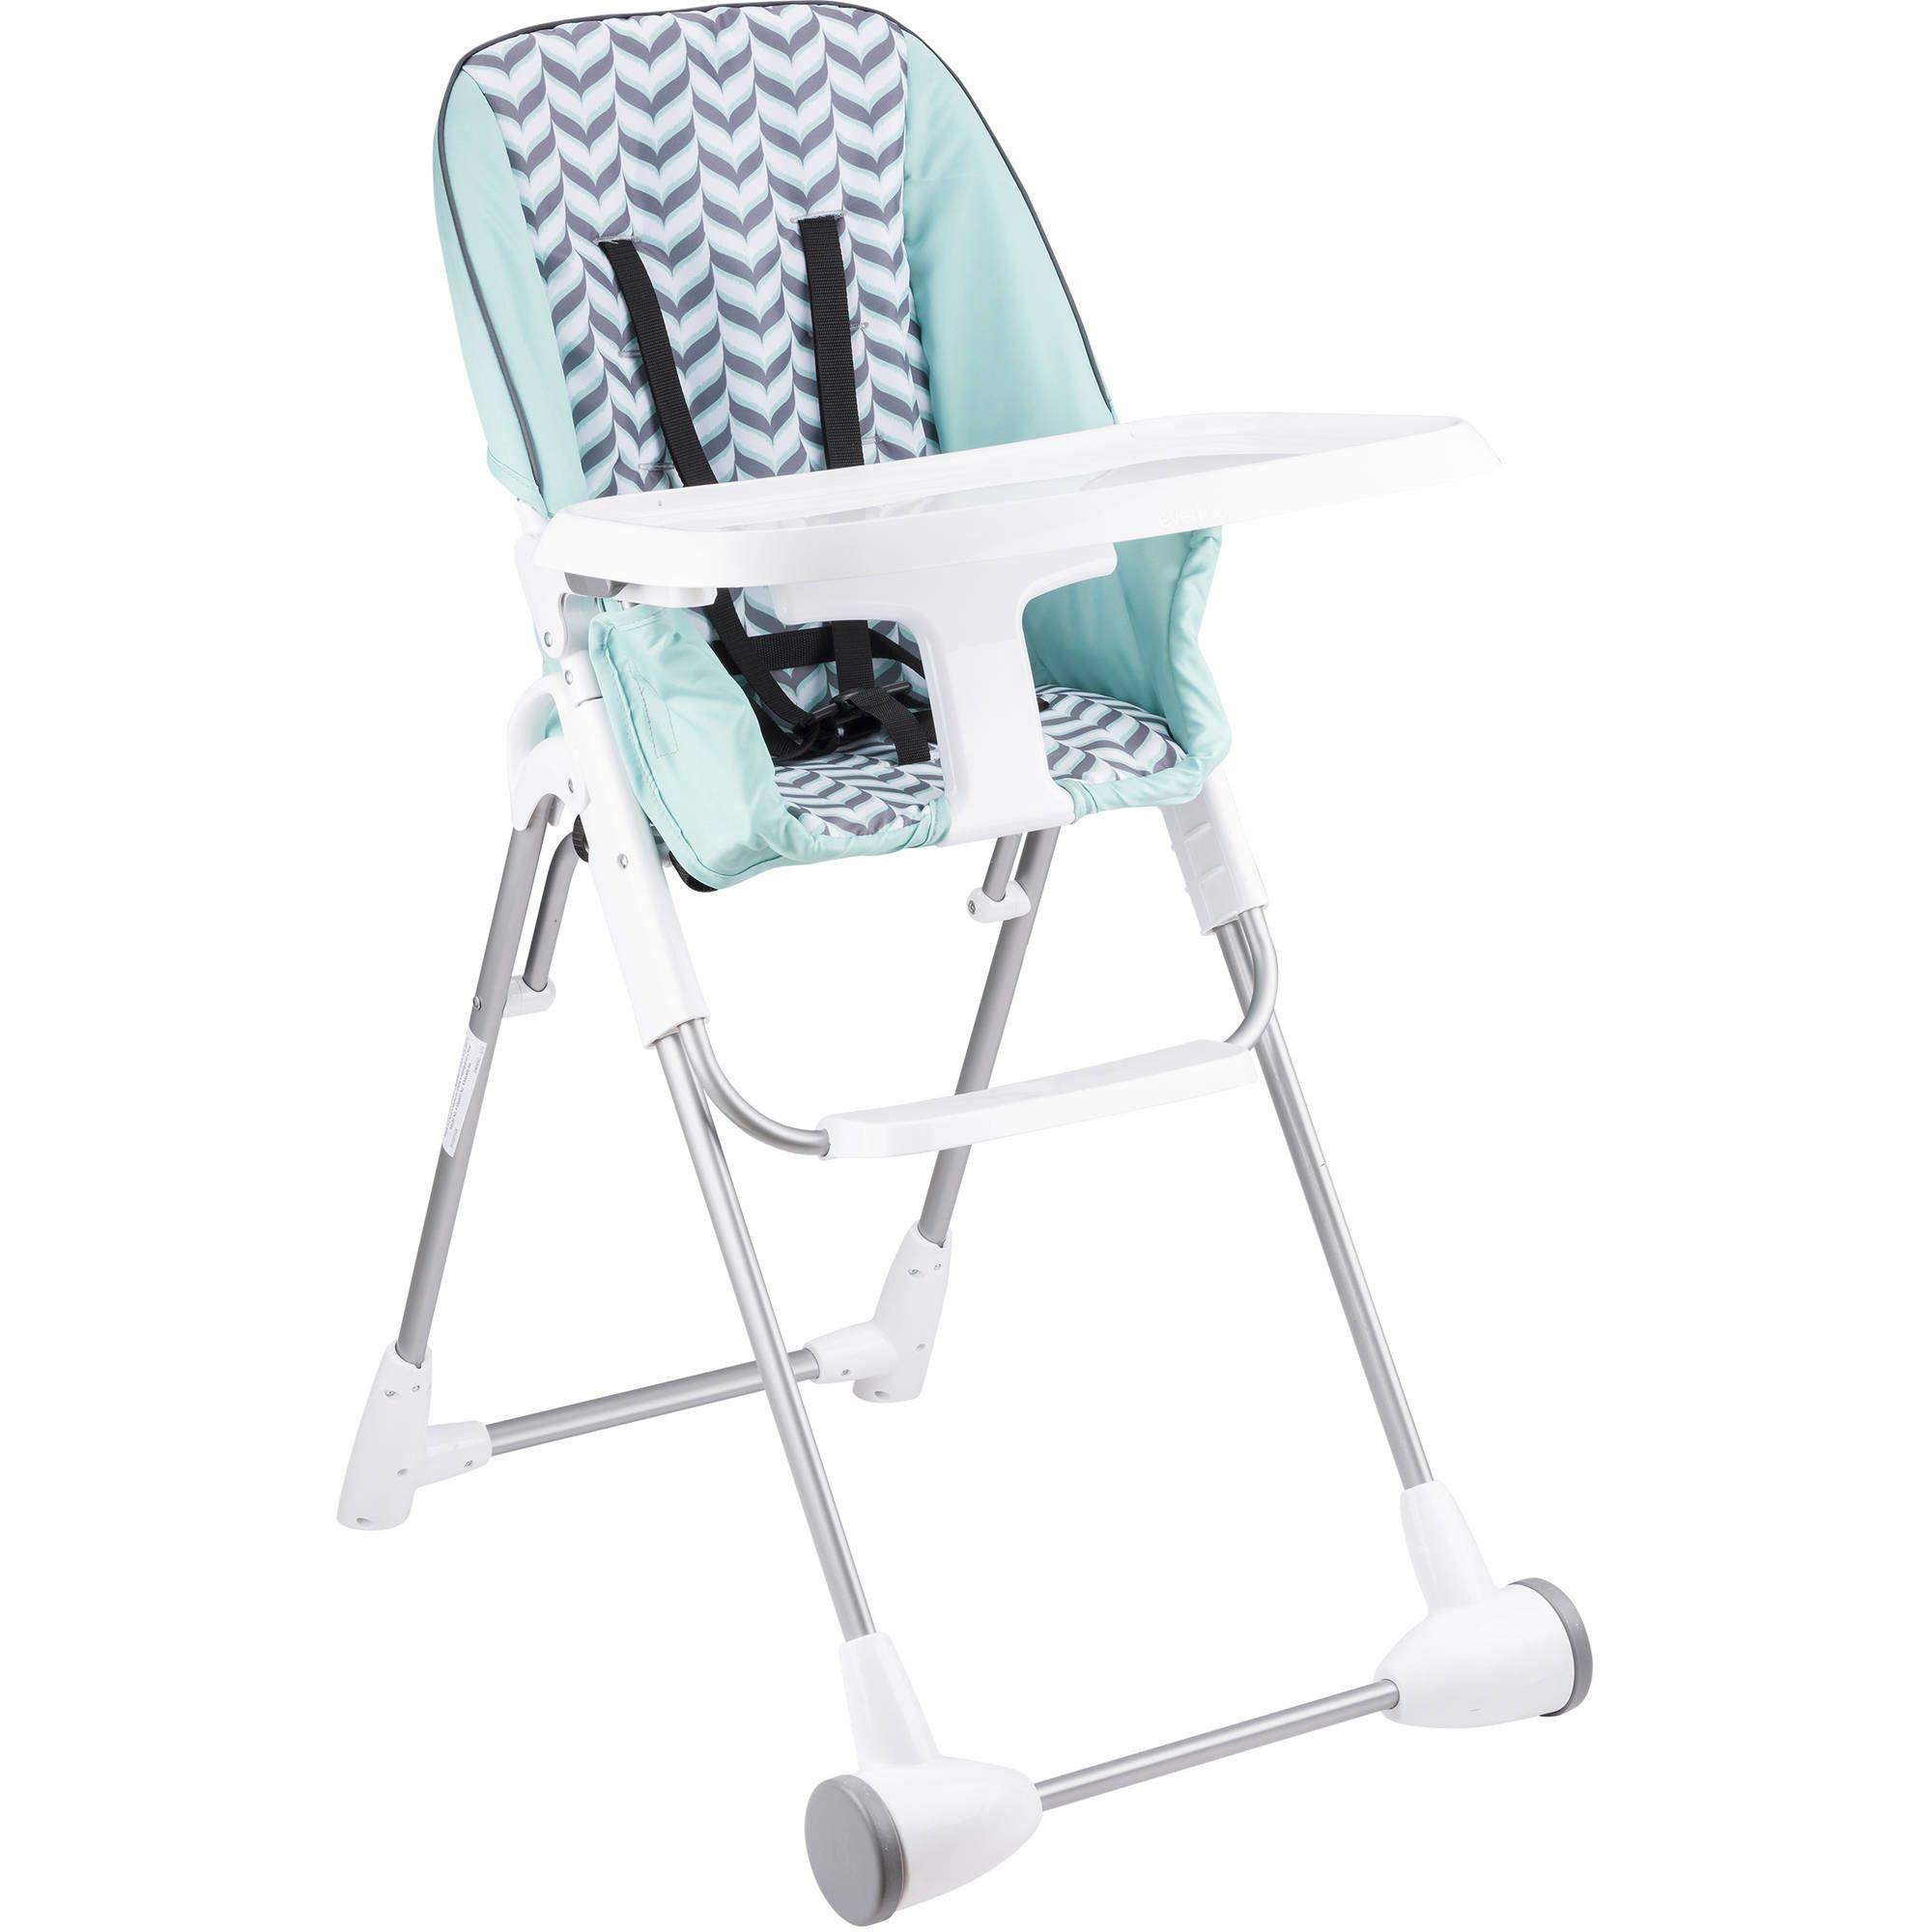 Evenflo Symmetry Flat Fold High Chair Spearmint Spree In 2020 High Chair Folding High Chair Chair